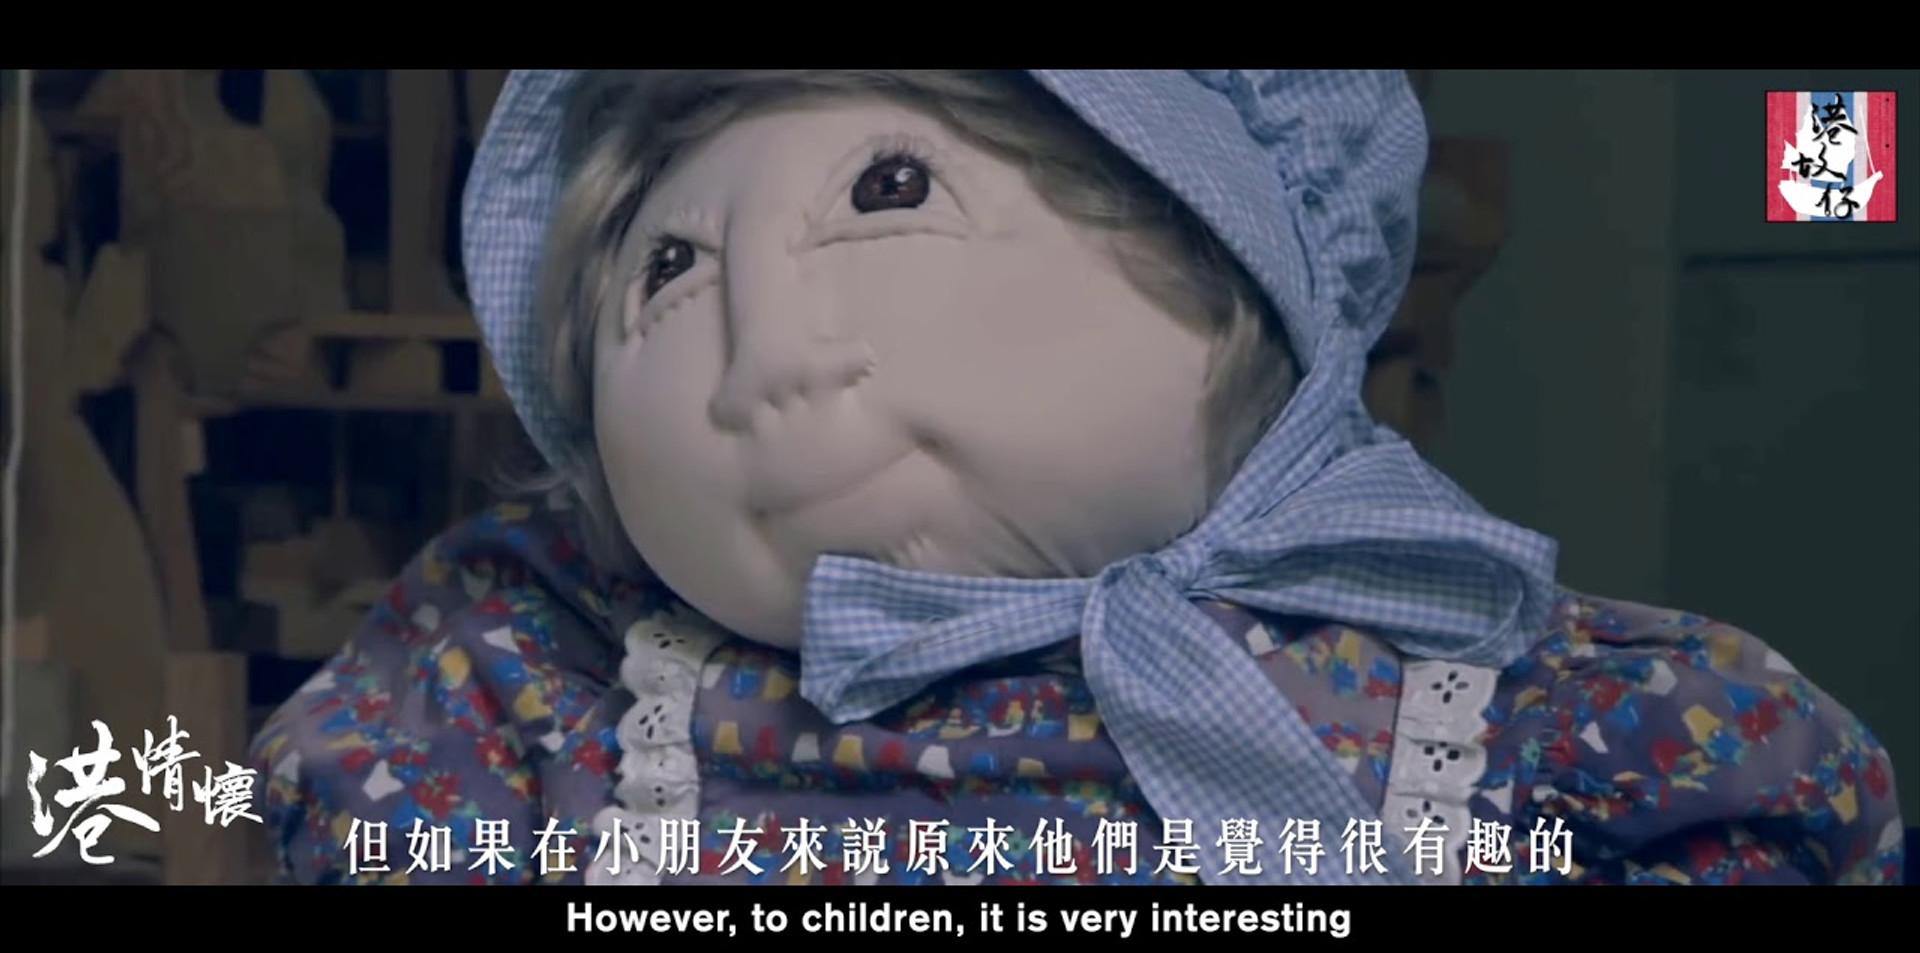 港情懷 #10 收藏玩具:鍾燕齊